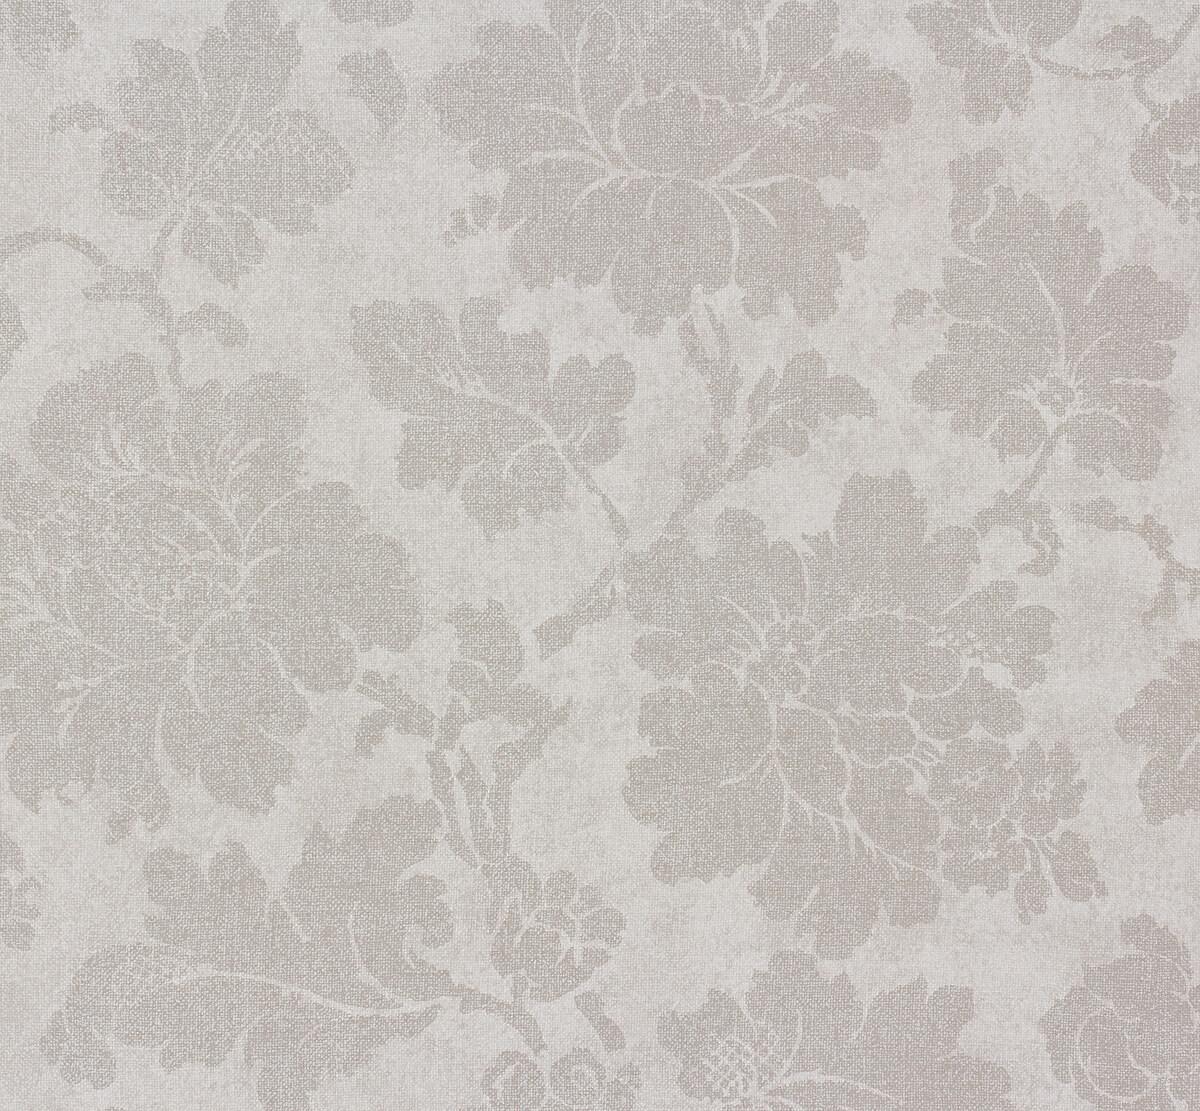 tapete floral grau as creation elegance 30519 1. Black Bedroom Furniture Sets. Home Design Ideas